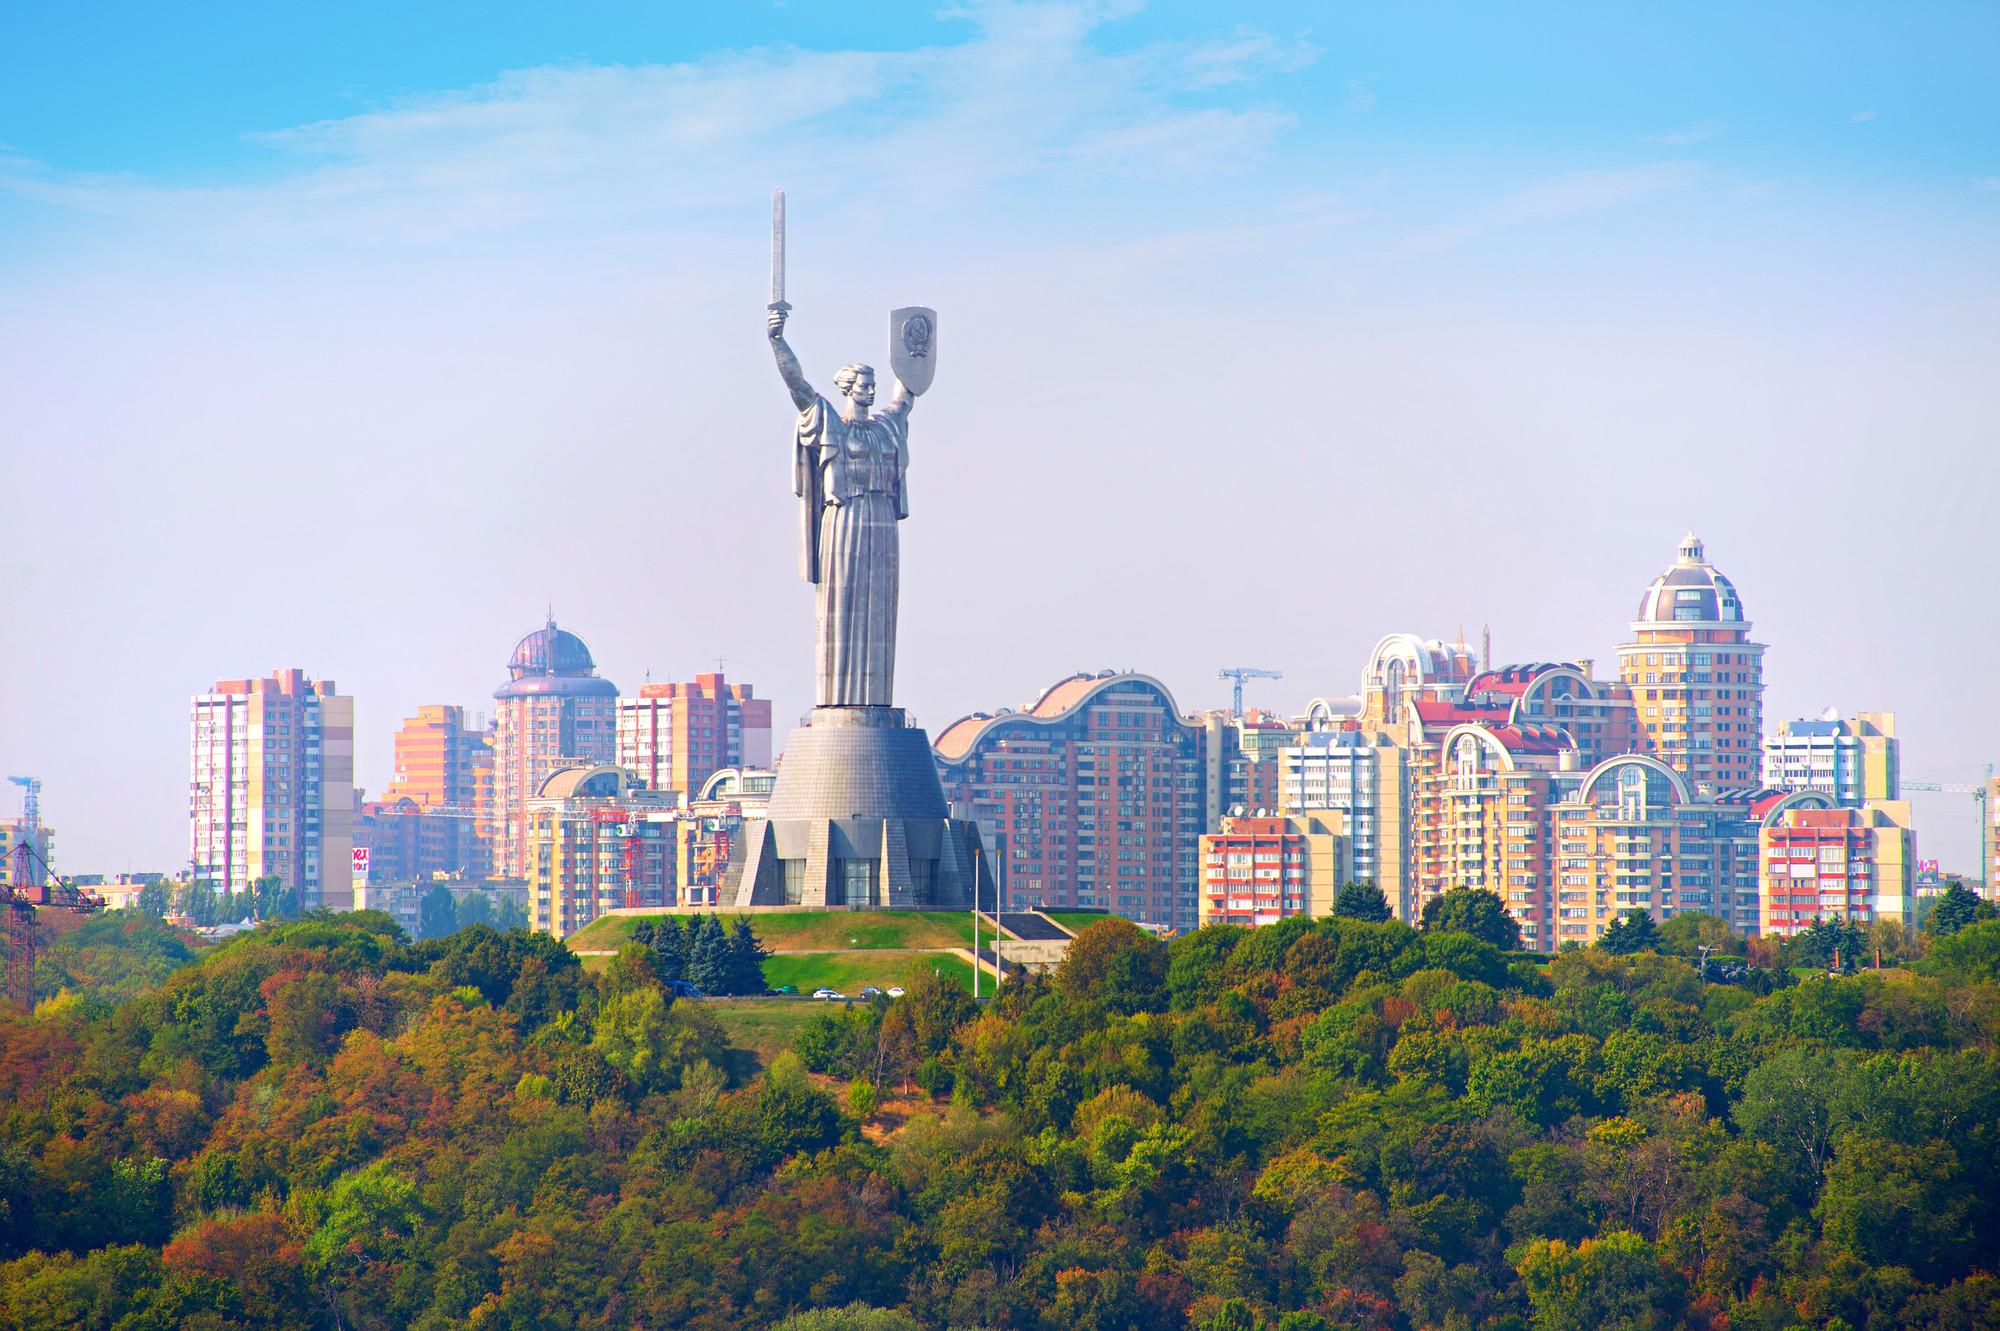 Київ увійшов до ТОП-10 міст світу з найкрасивішими видами